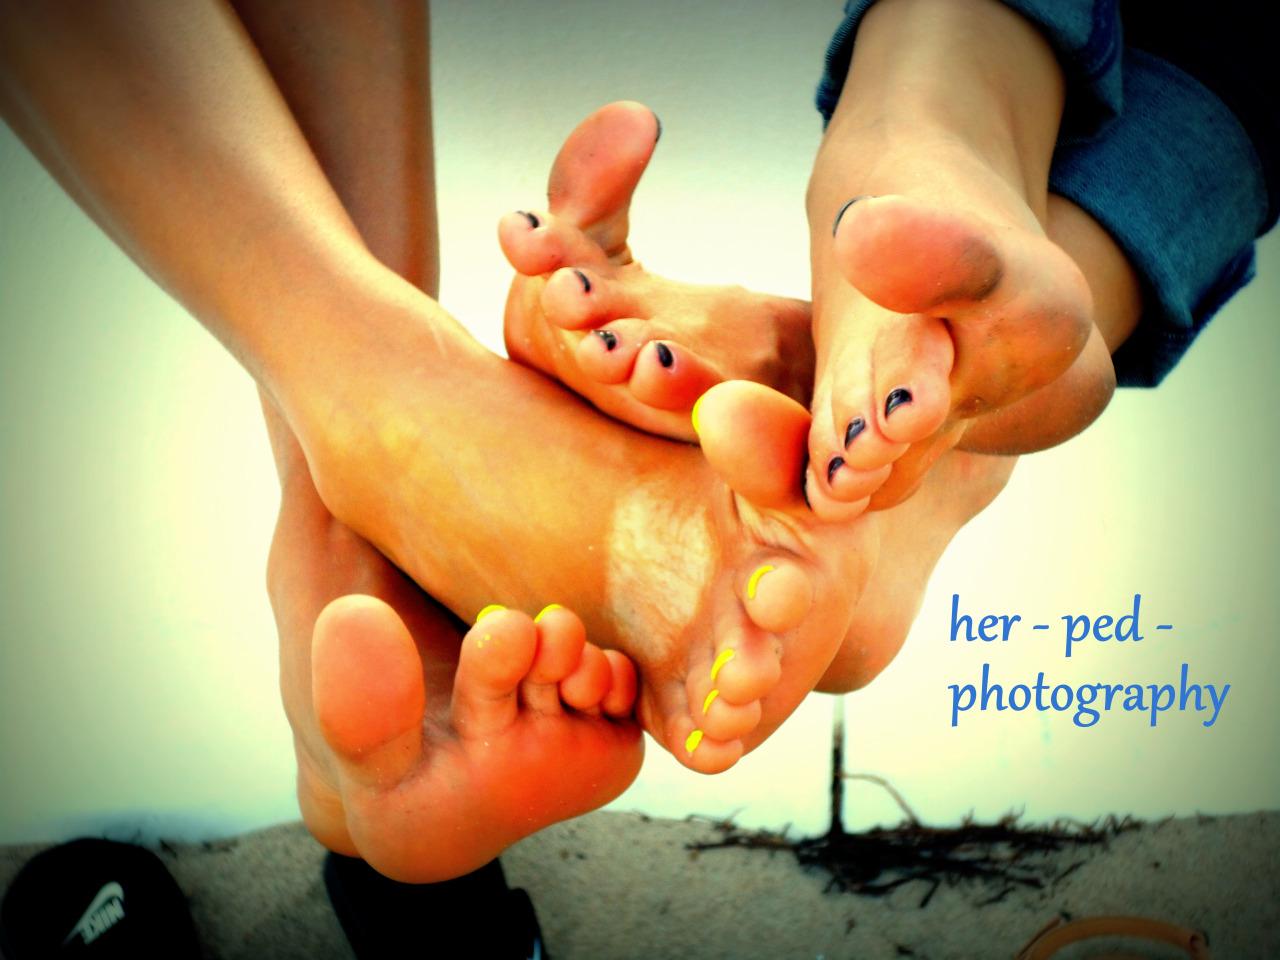 image sexe pieds porno 43